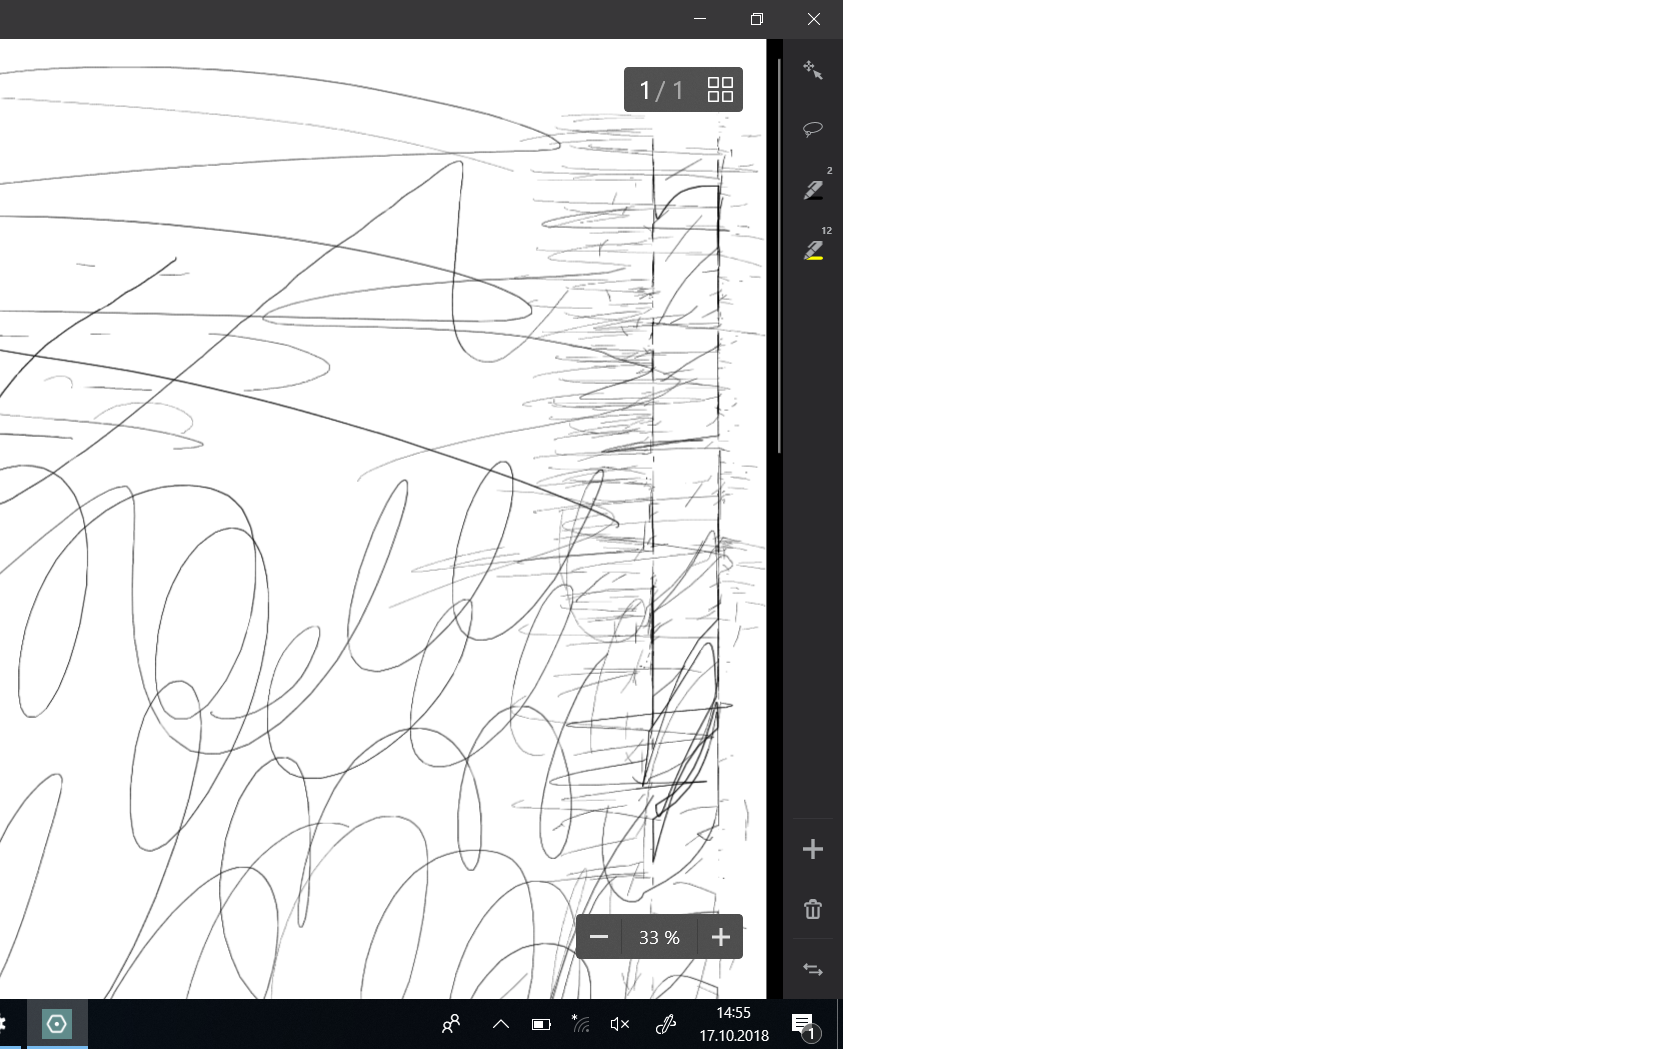 Windows Surface Pro - Touchscreen rechts in einem vertikalen Streifen mit Aussetzern